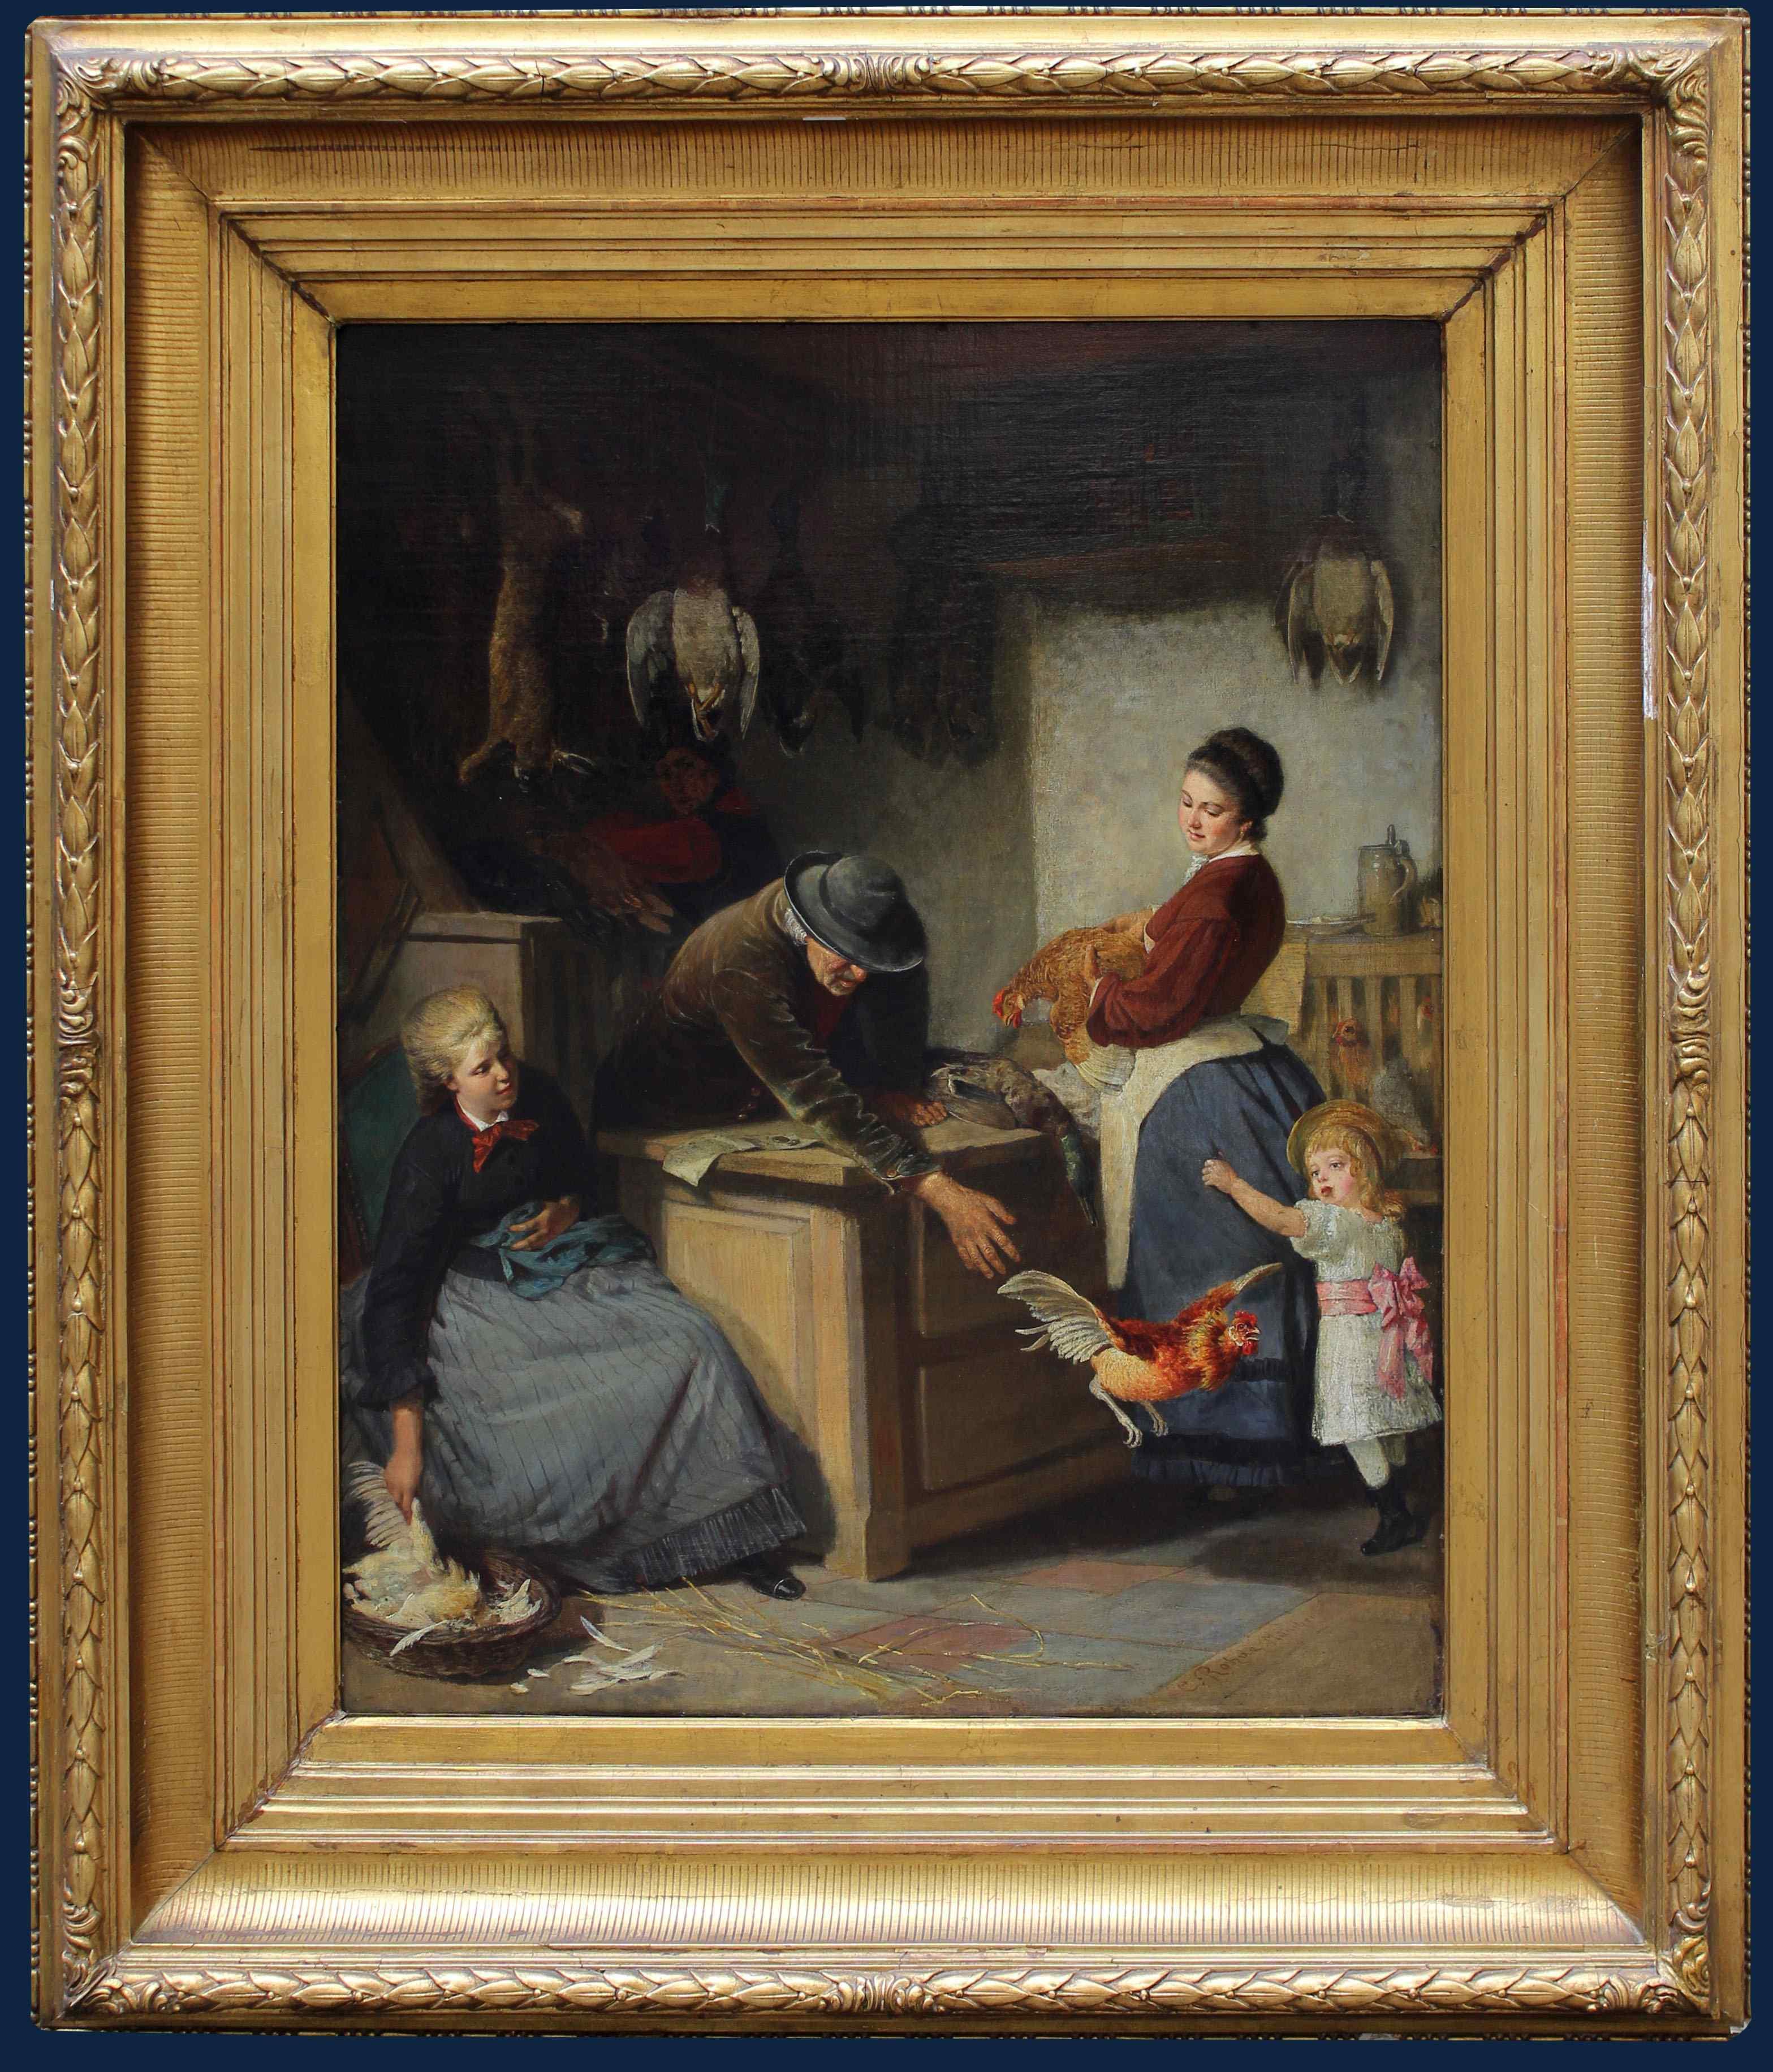 Carl Rohde (Koblenz, 1840 - 1891) The Chicken Dealer